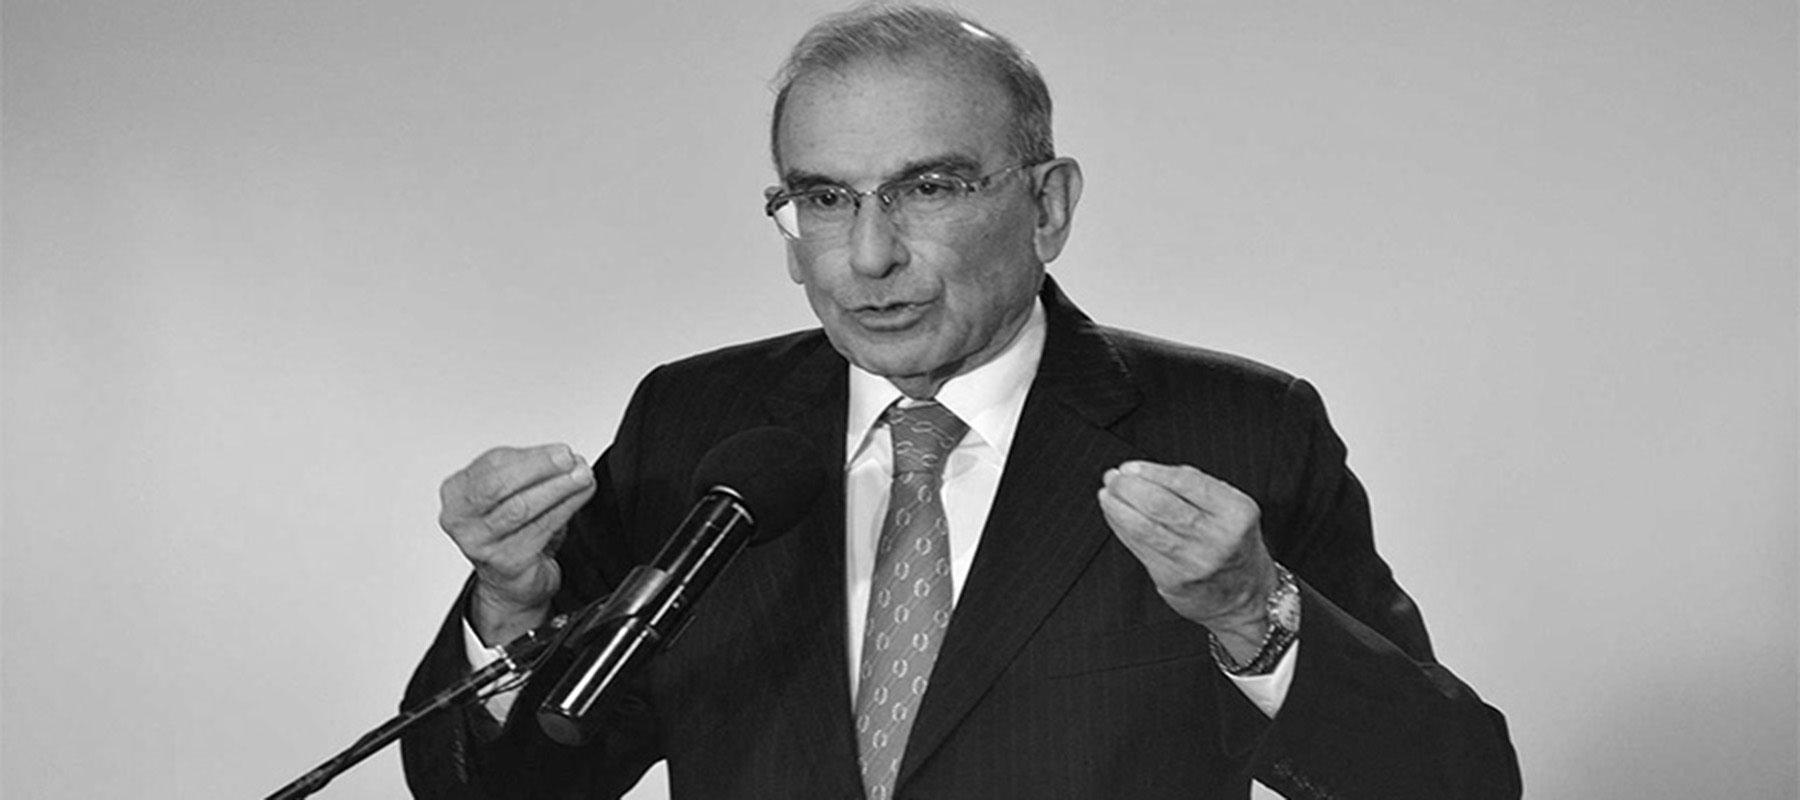 Humberto de la Calle - Candidato presidencial